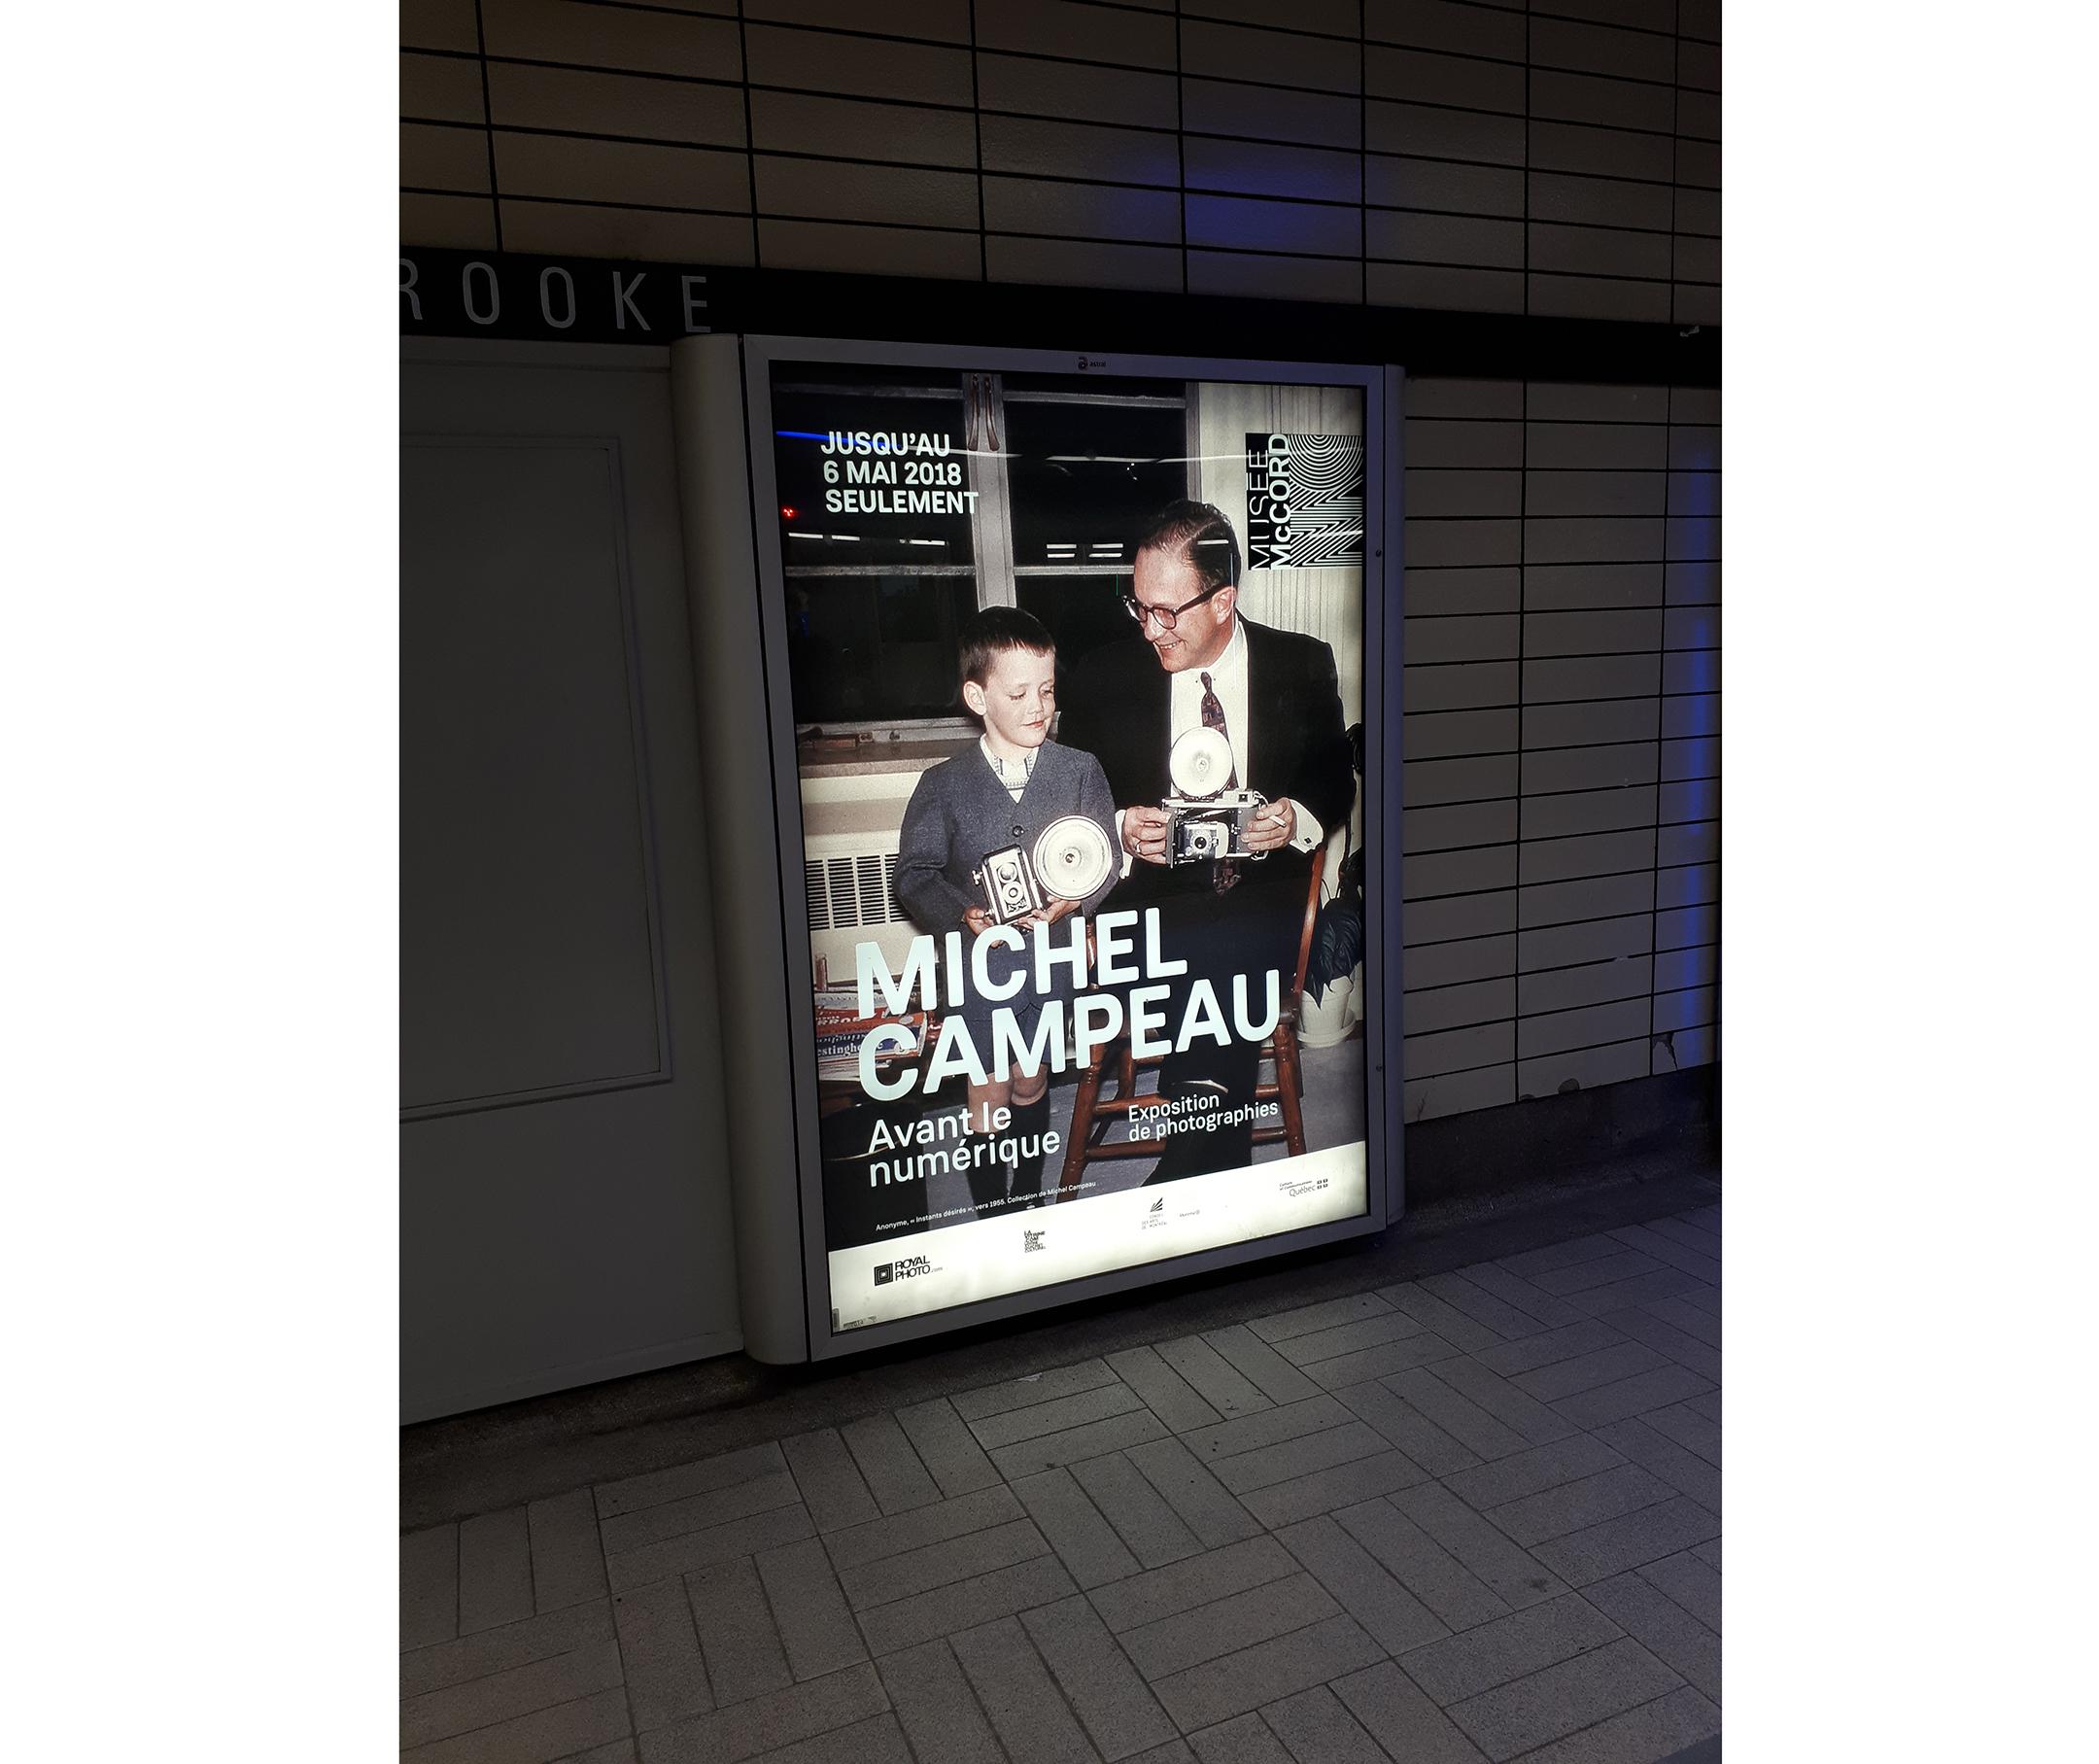 Affiche dans le métro de Montréal